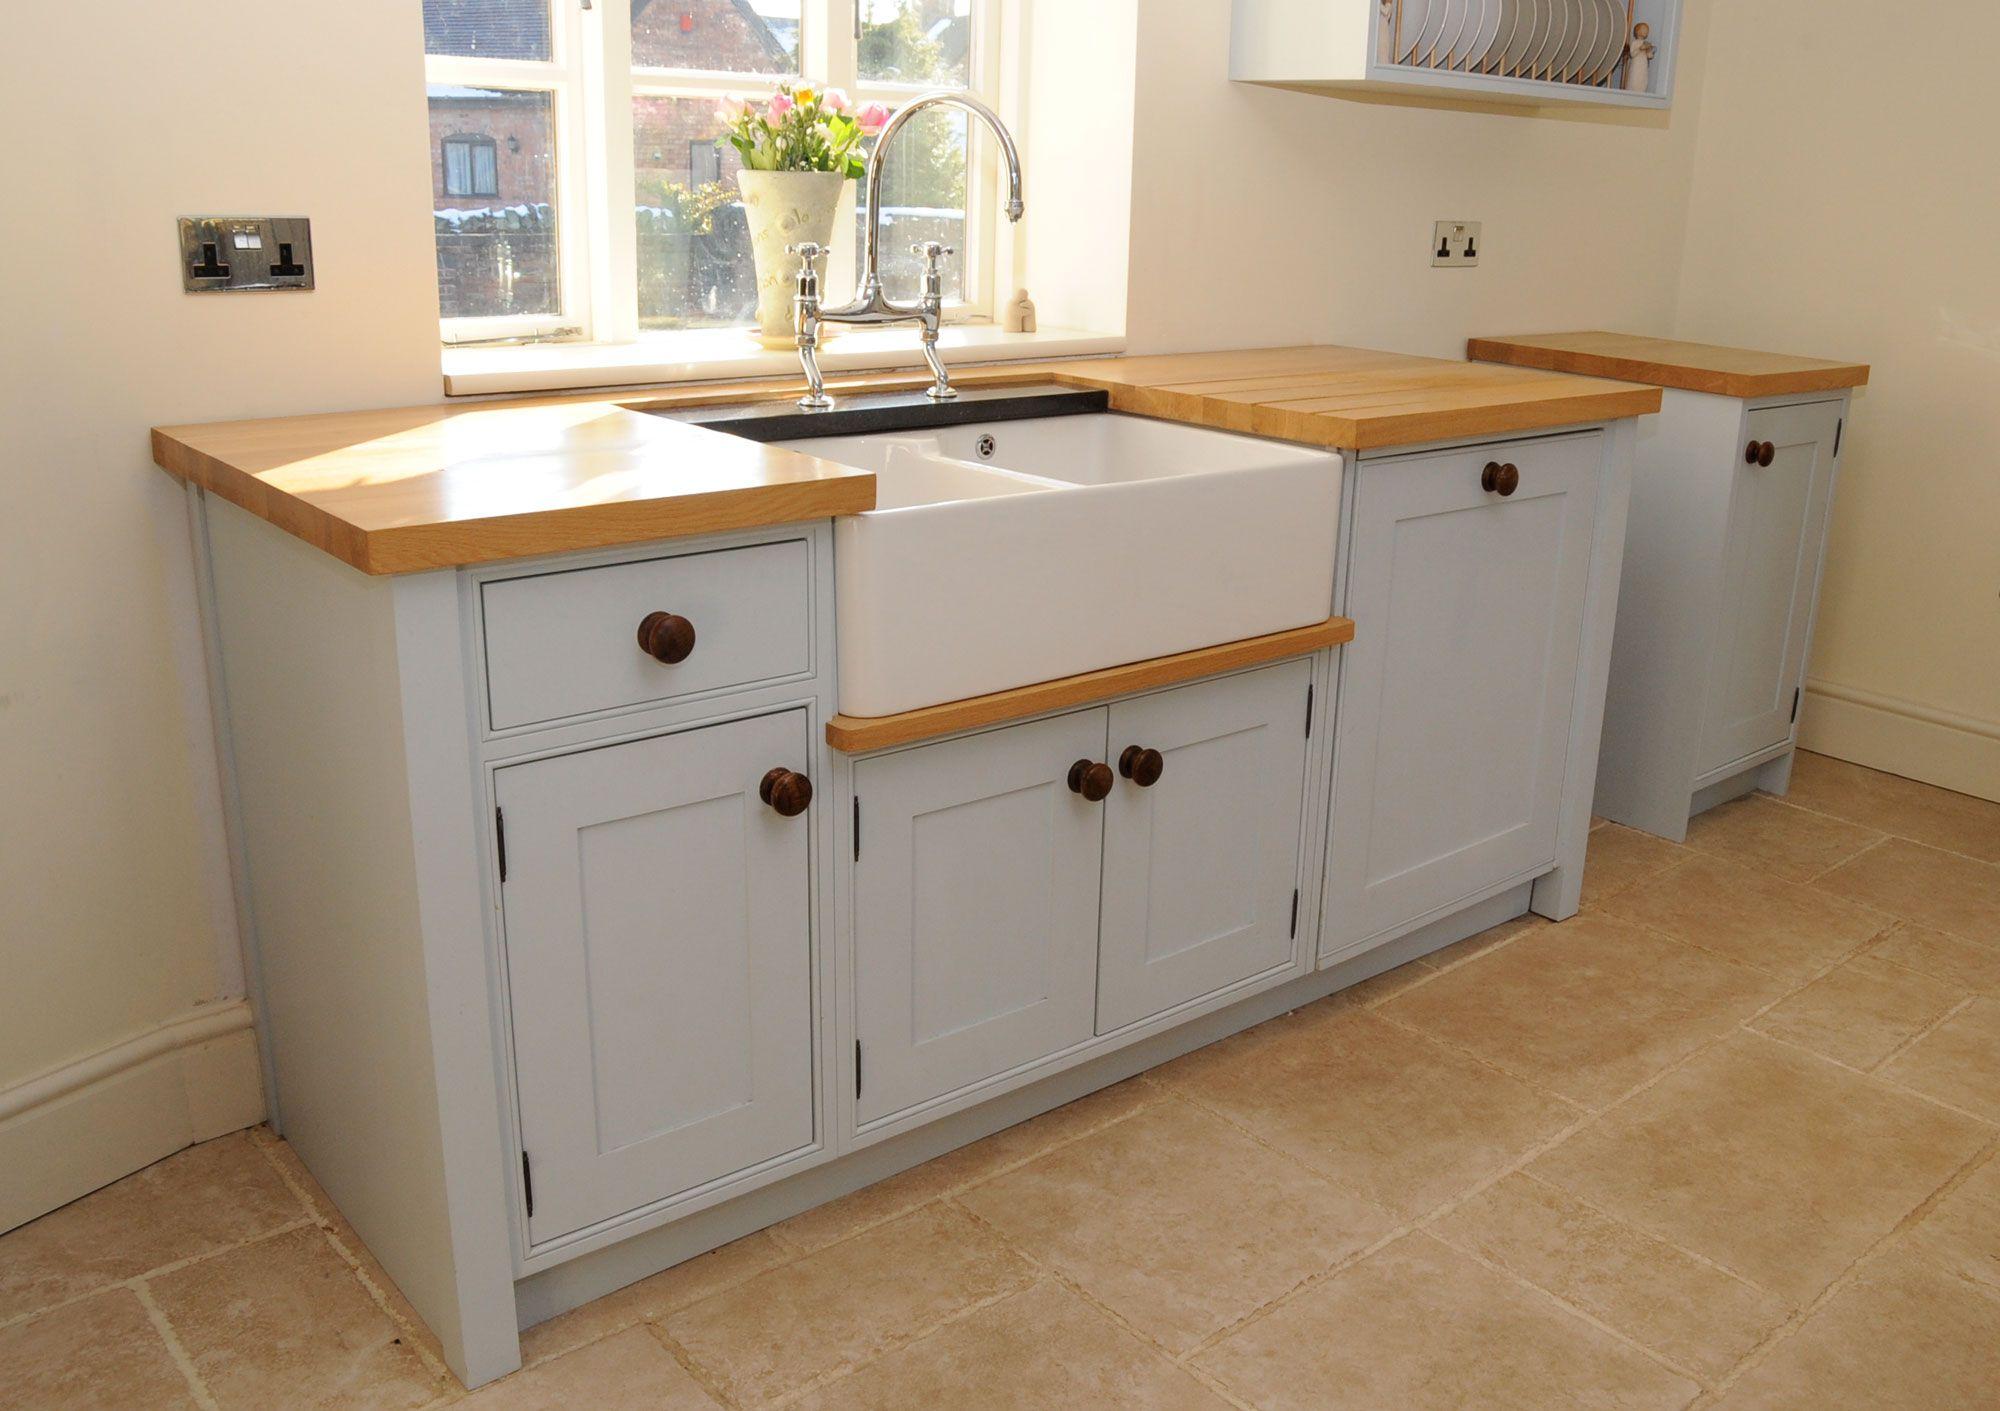 Kitchen Sink Units Uk - Interior Design 3d •